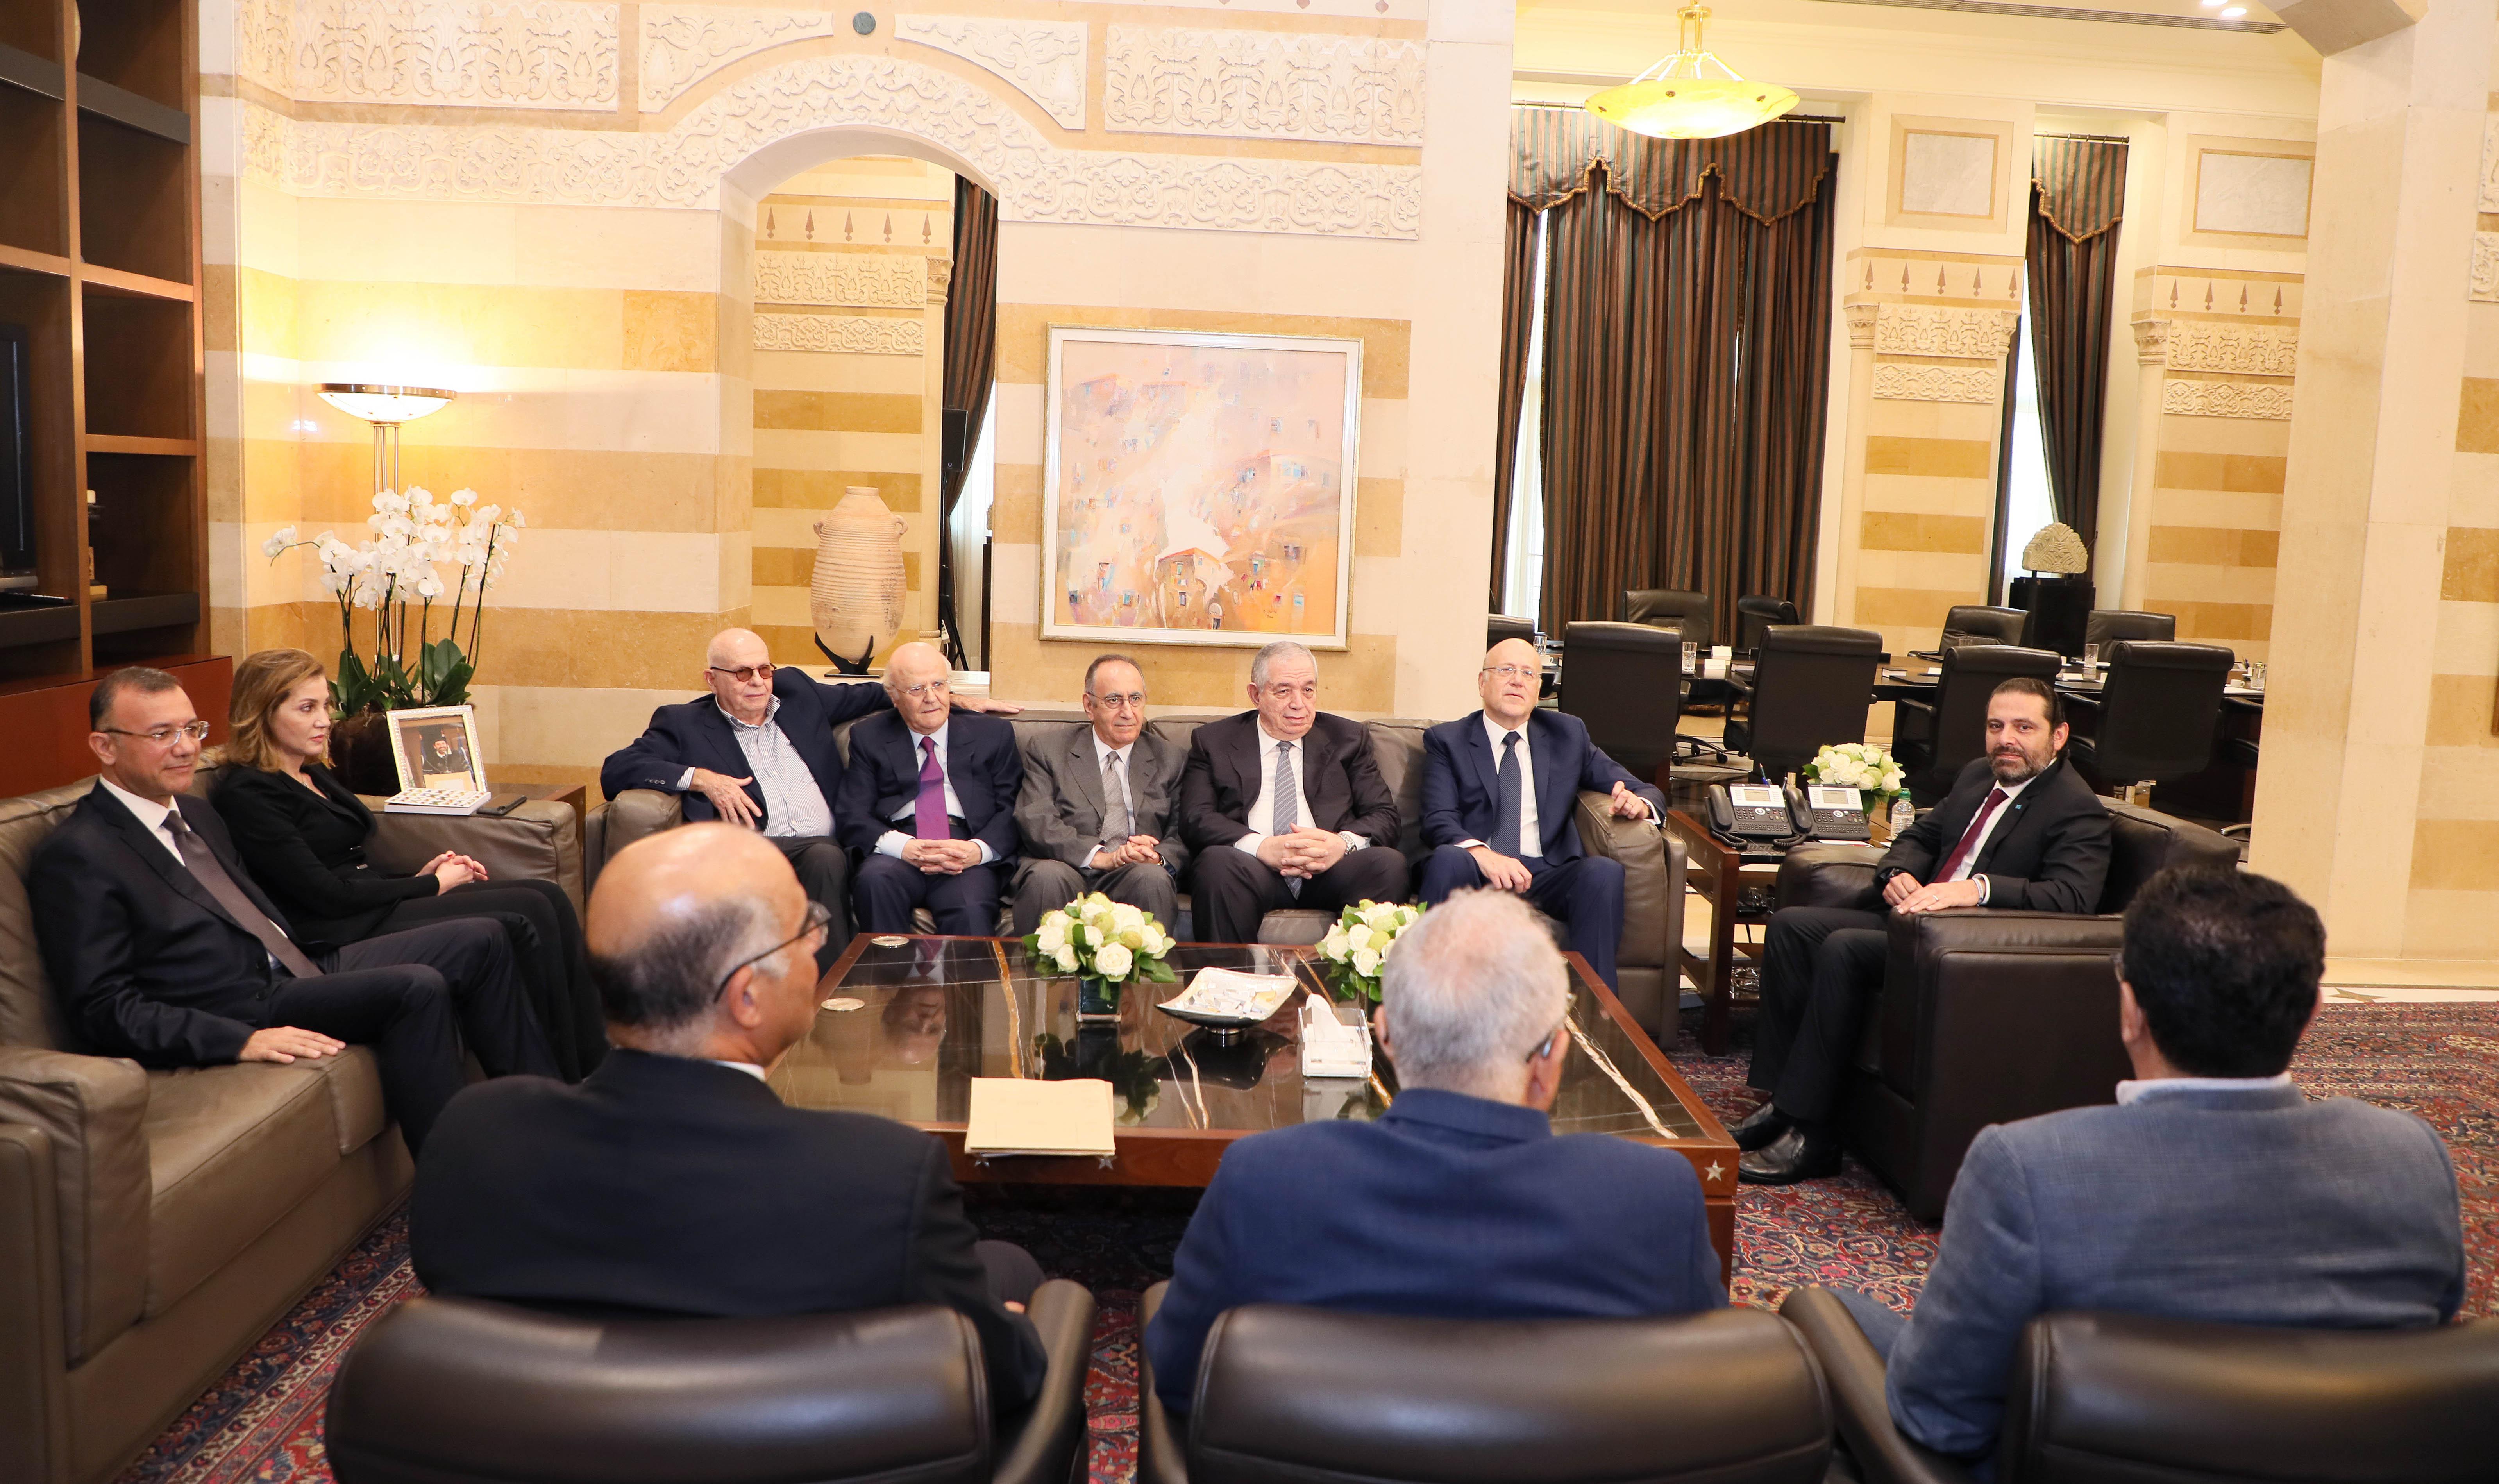 Pr Minister Saad Hariri meets Former Pr Minister Najib Mikati with a Delegation